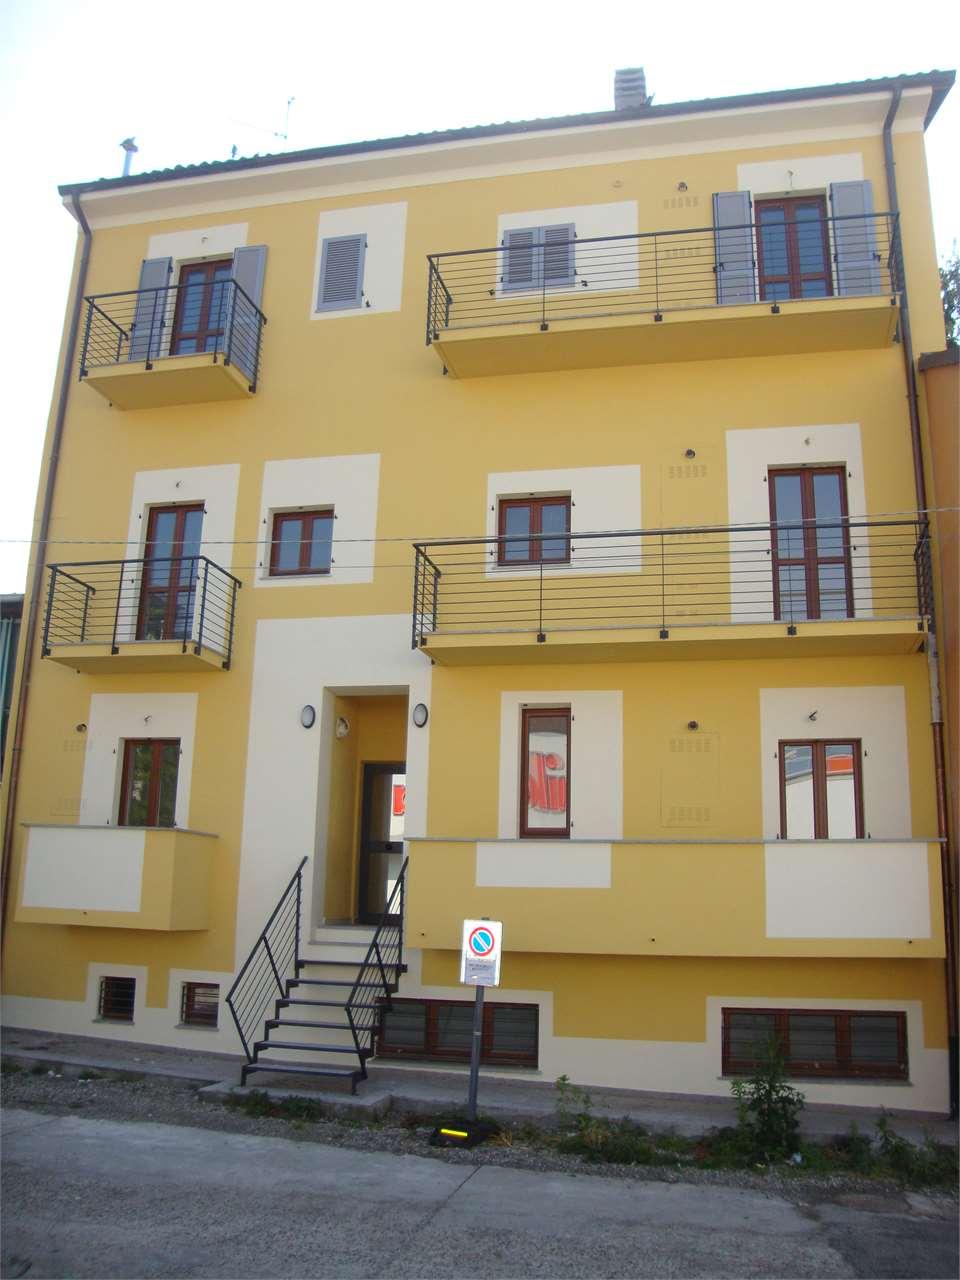 Ufficio / Studio in affitto a Casale Monferrato, 3 locali, prezzo € 280 | Cambio Casa.it